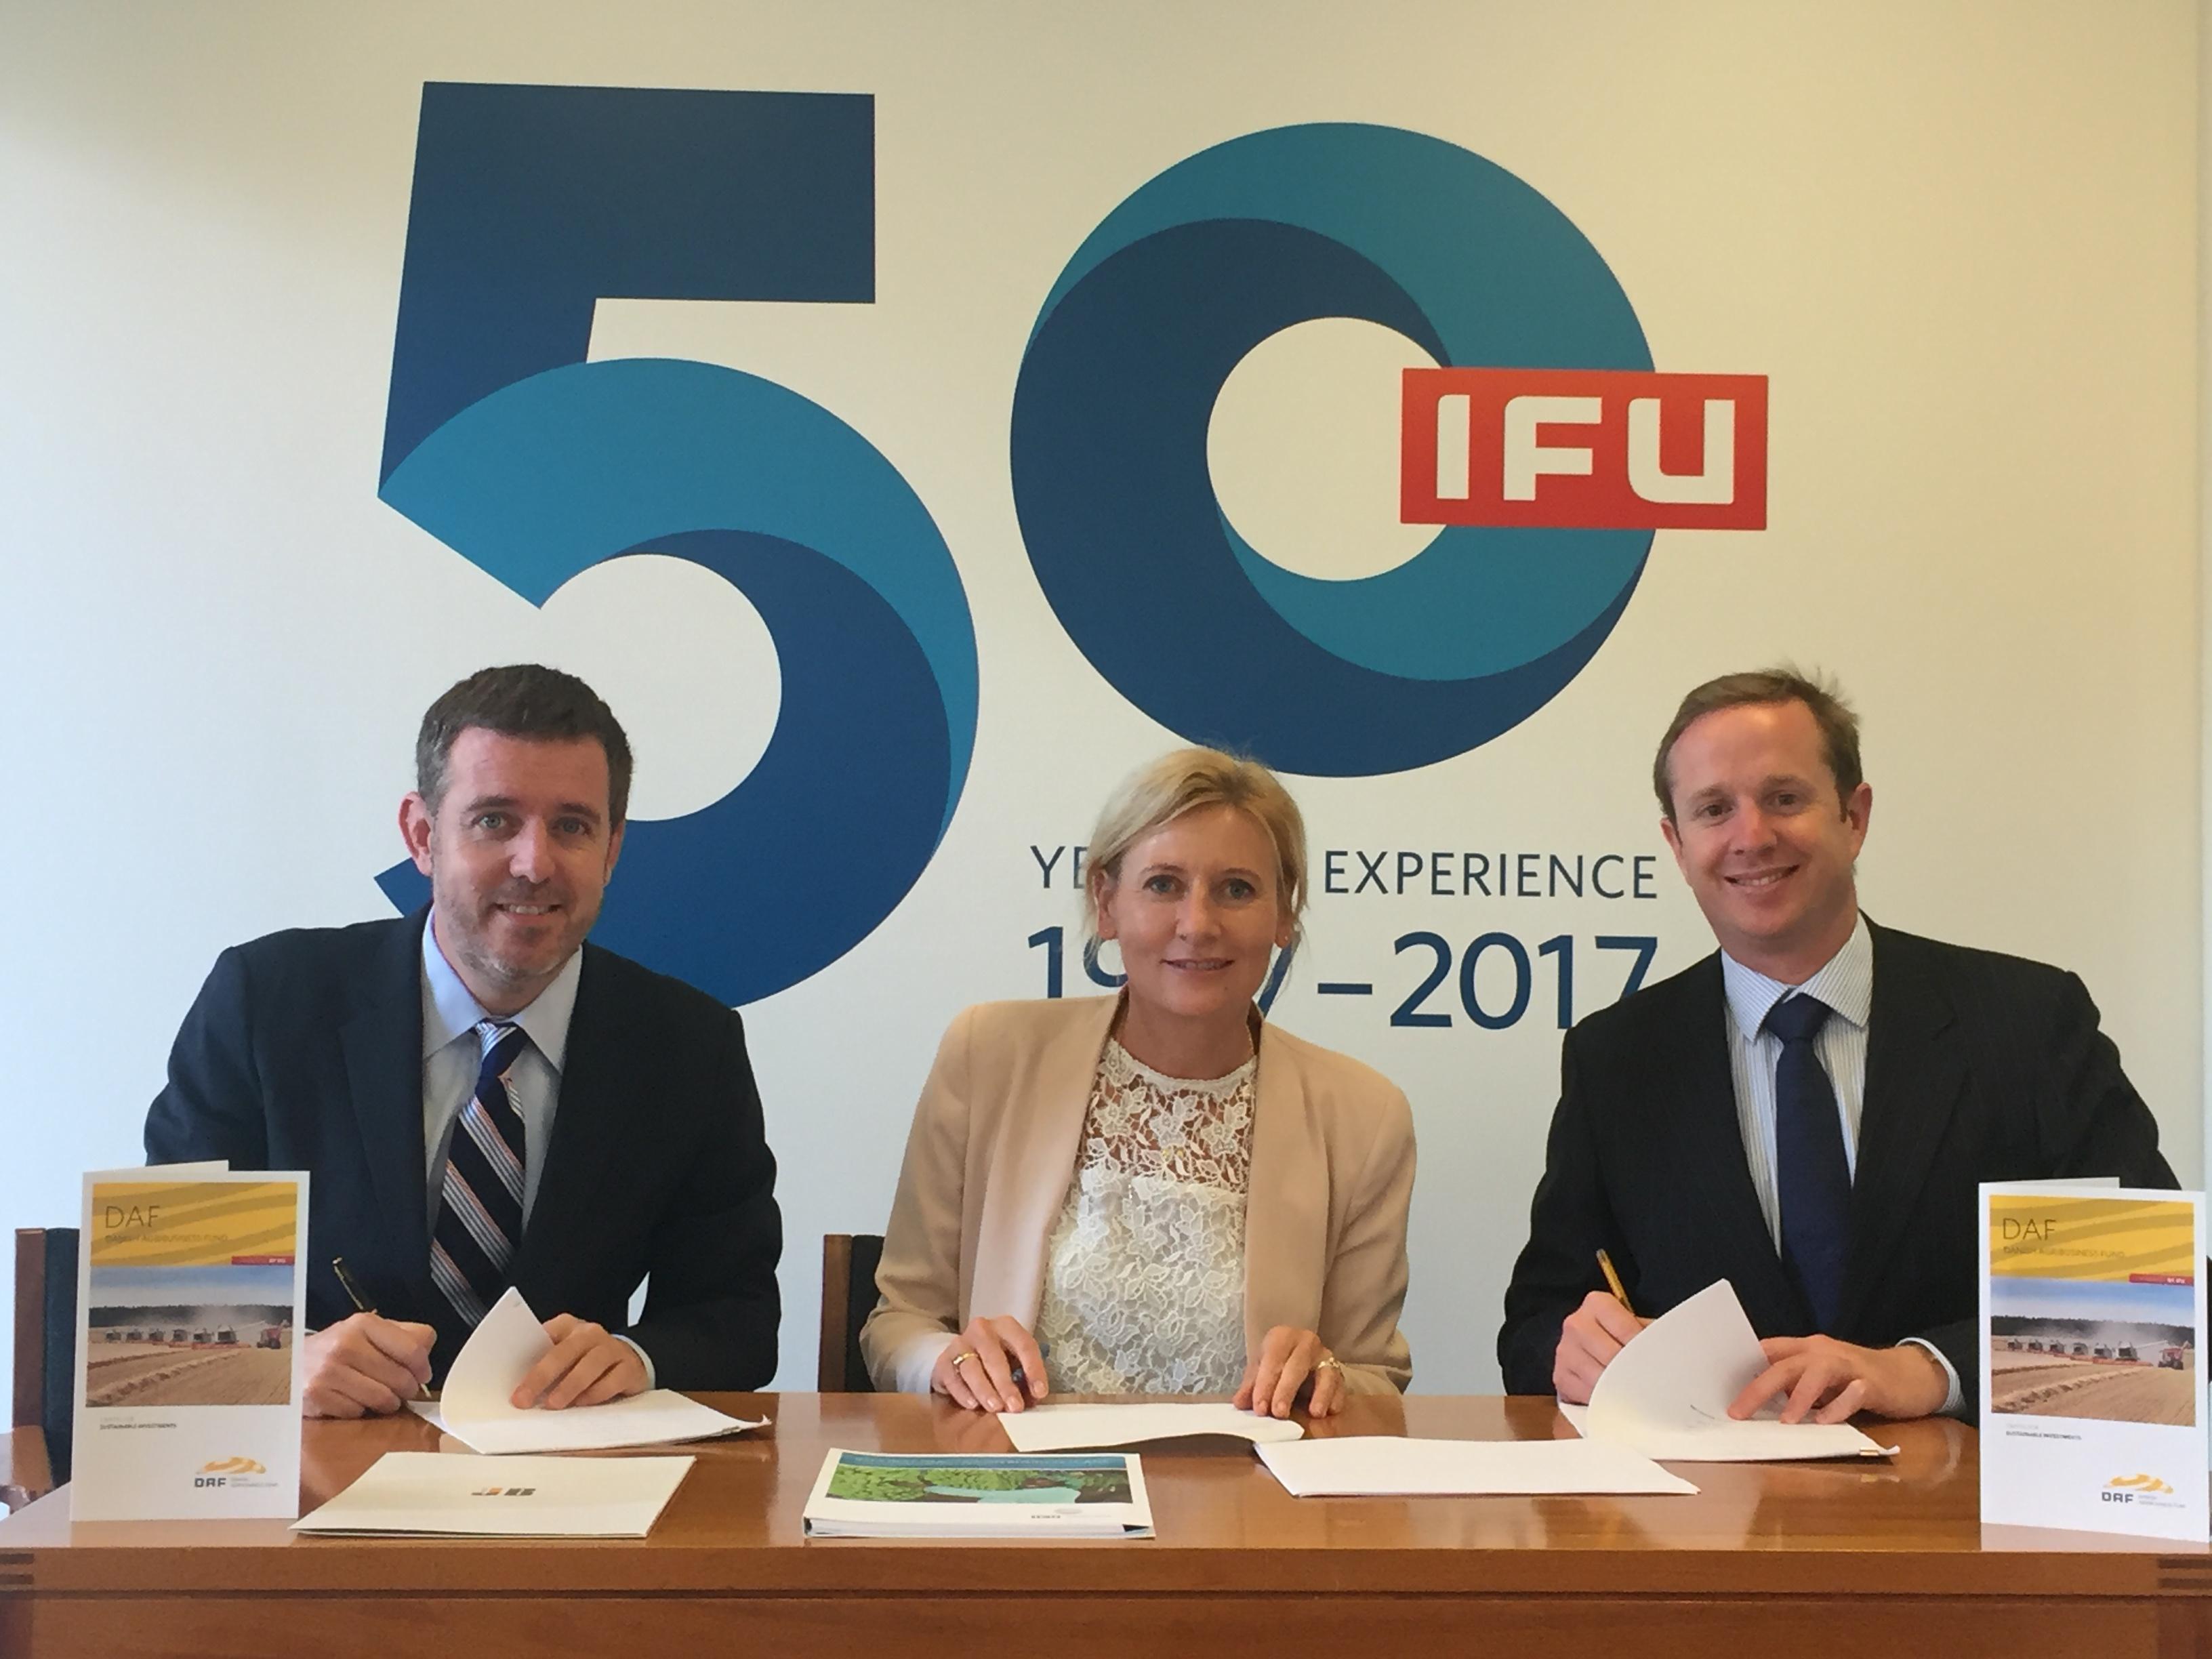 El Gerente General, Guillermo García y la Vicepresidenta de DAF para América Latina, Helle Bjerre suscriben el acuerdo en compañía del jefe de inversiones de JB Equity, Hamish Webb, durante la firma del acuerdo en Copenhague, Dinamarca.